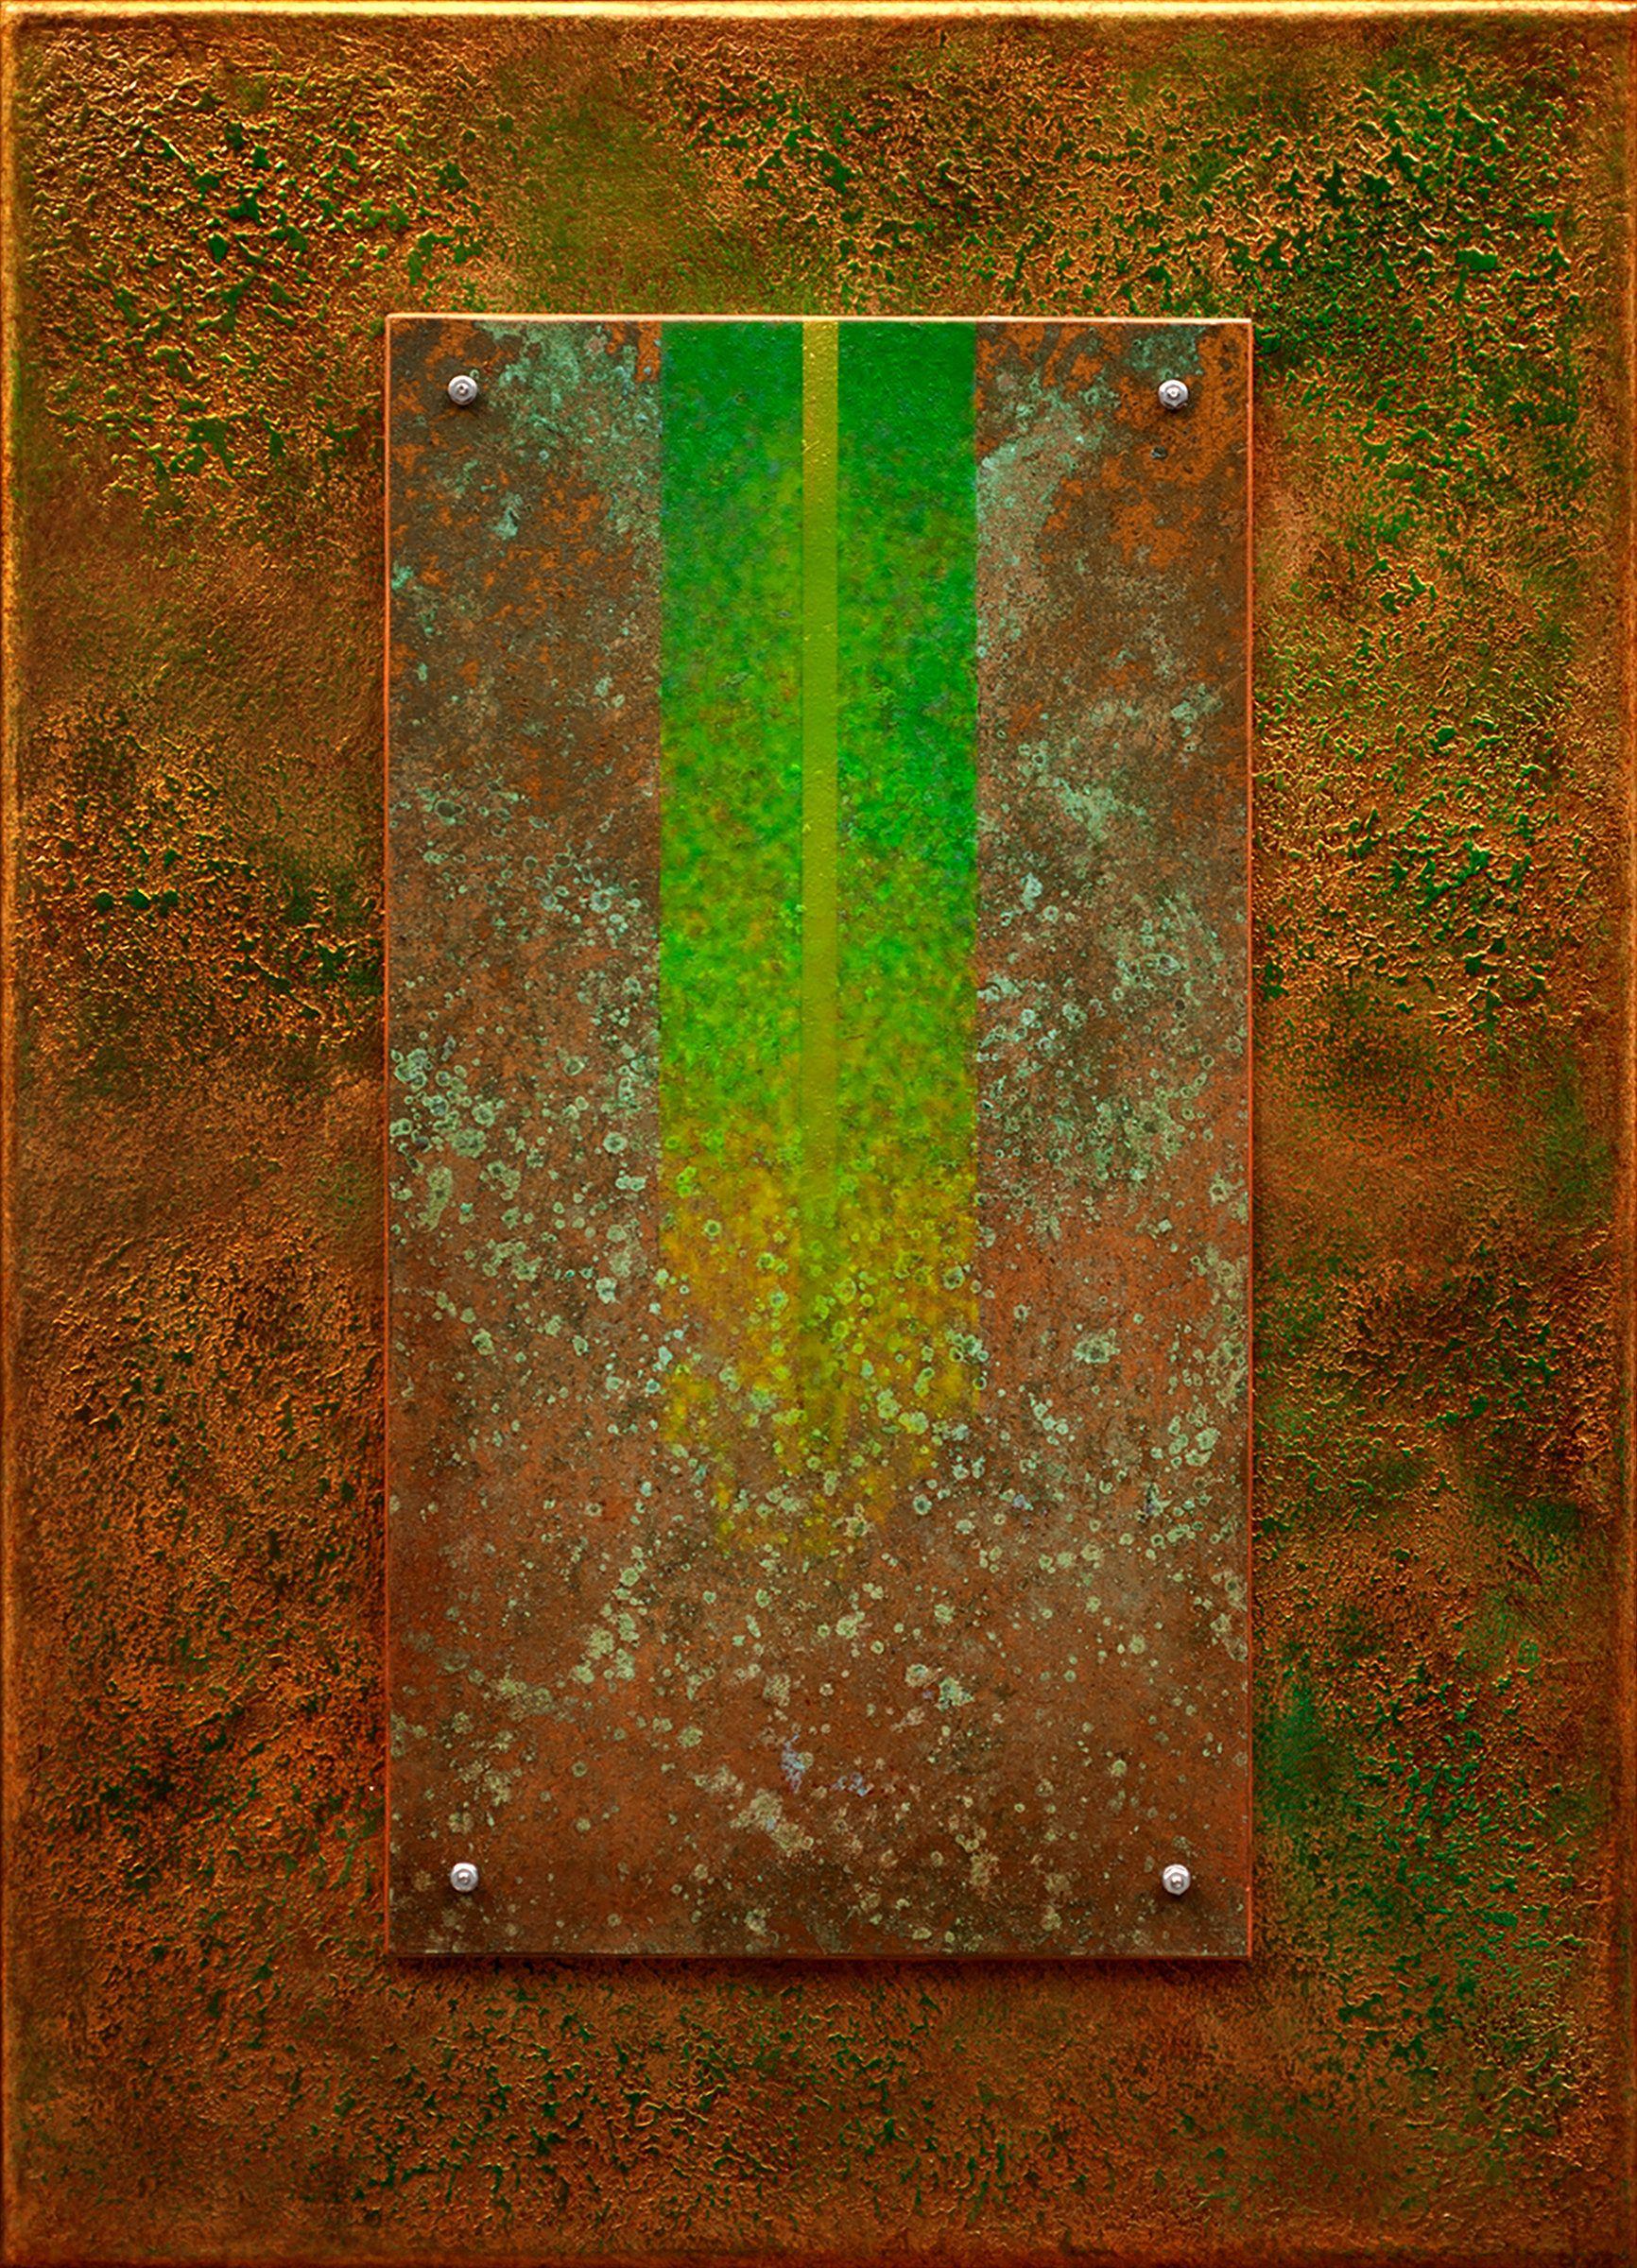 Golden Reyes 09 In Green By Wolfgang Gersch Giclee Print On Aluminum Artful Home Sheet Metal Art Giclee Print Original Mixed Media